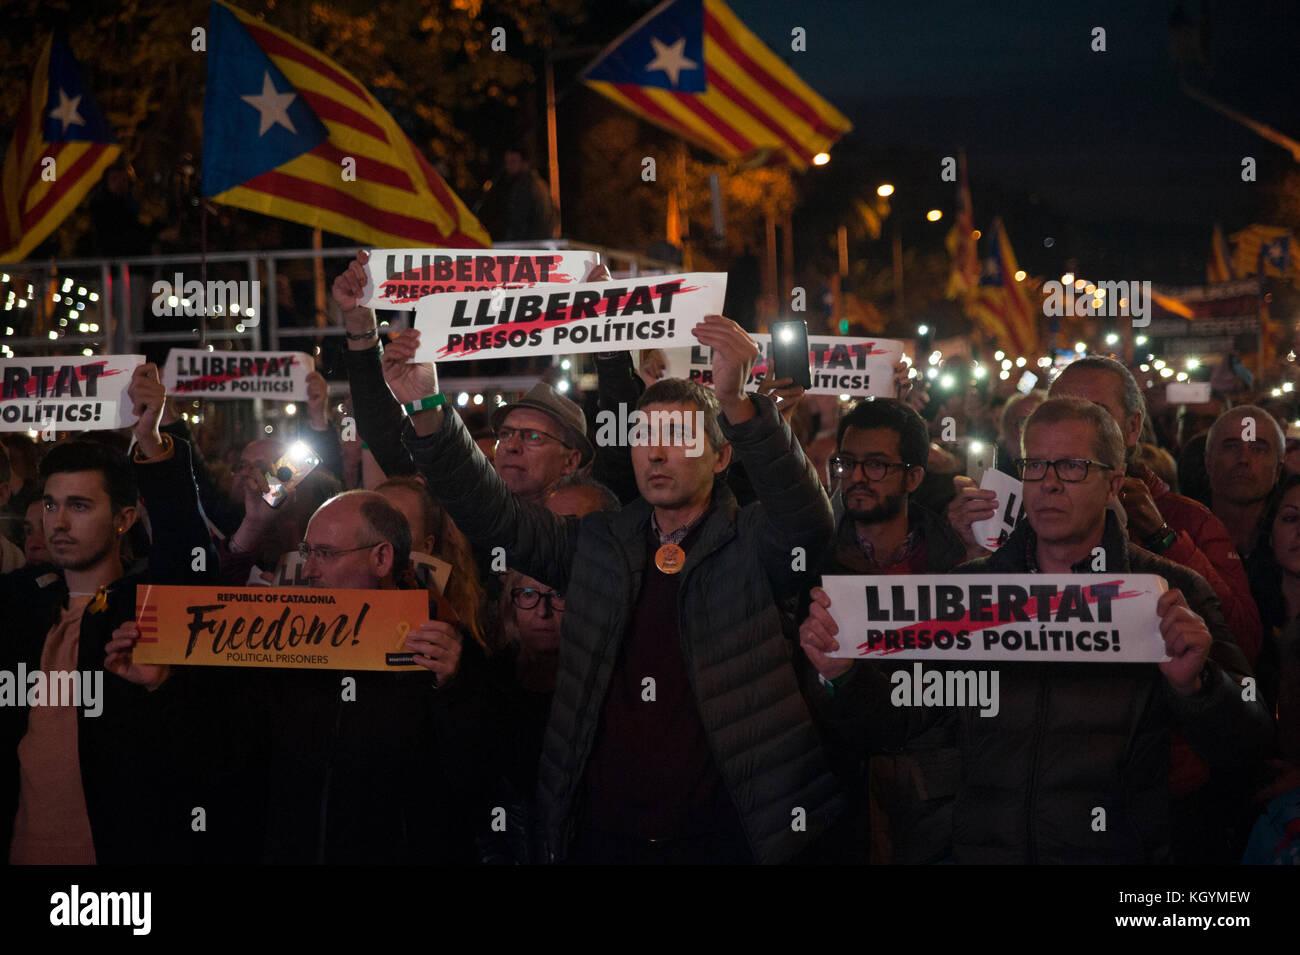 Barcelona, Spanien. November 2017. Vereinigungen und politische Parteien der Unabhängigkeitsbewegung forderten einen protestmarsch gegen die Festnahmen der gestürzten katalanischen Regierung. Kredit: Charlie Perez/Alamy Live News Stockfoto